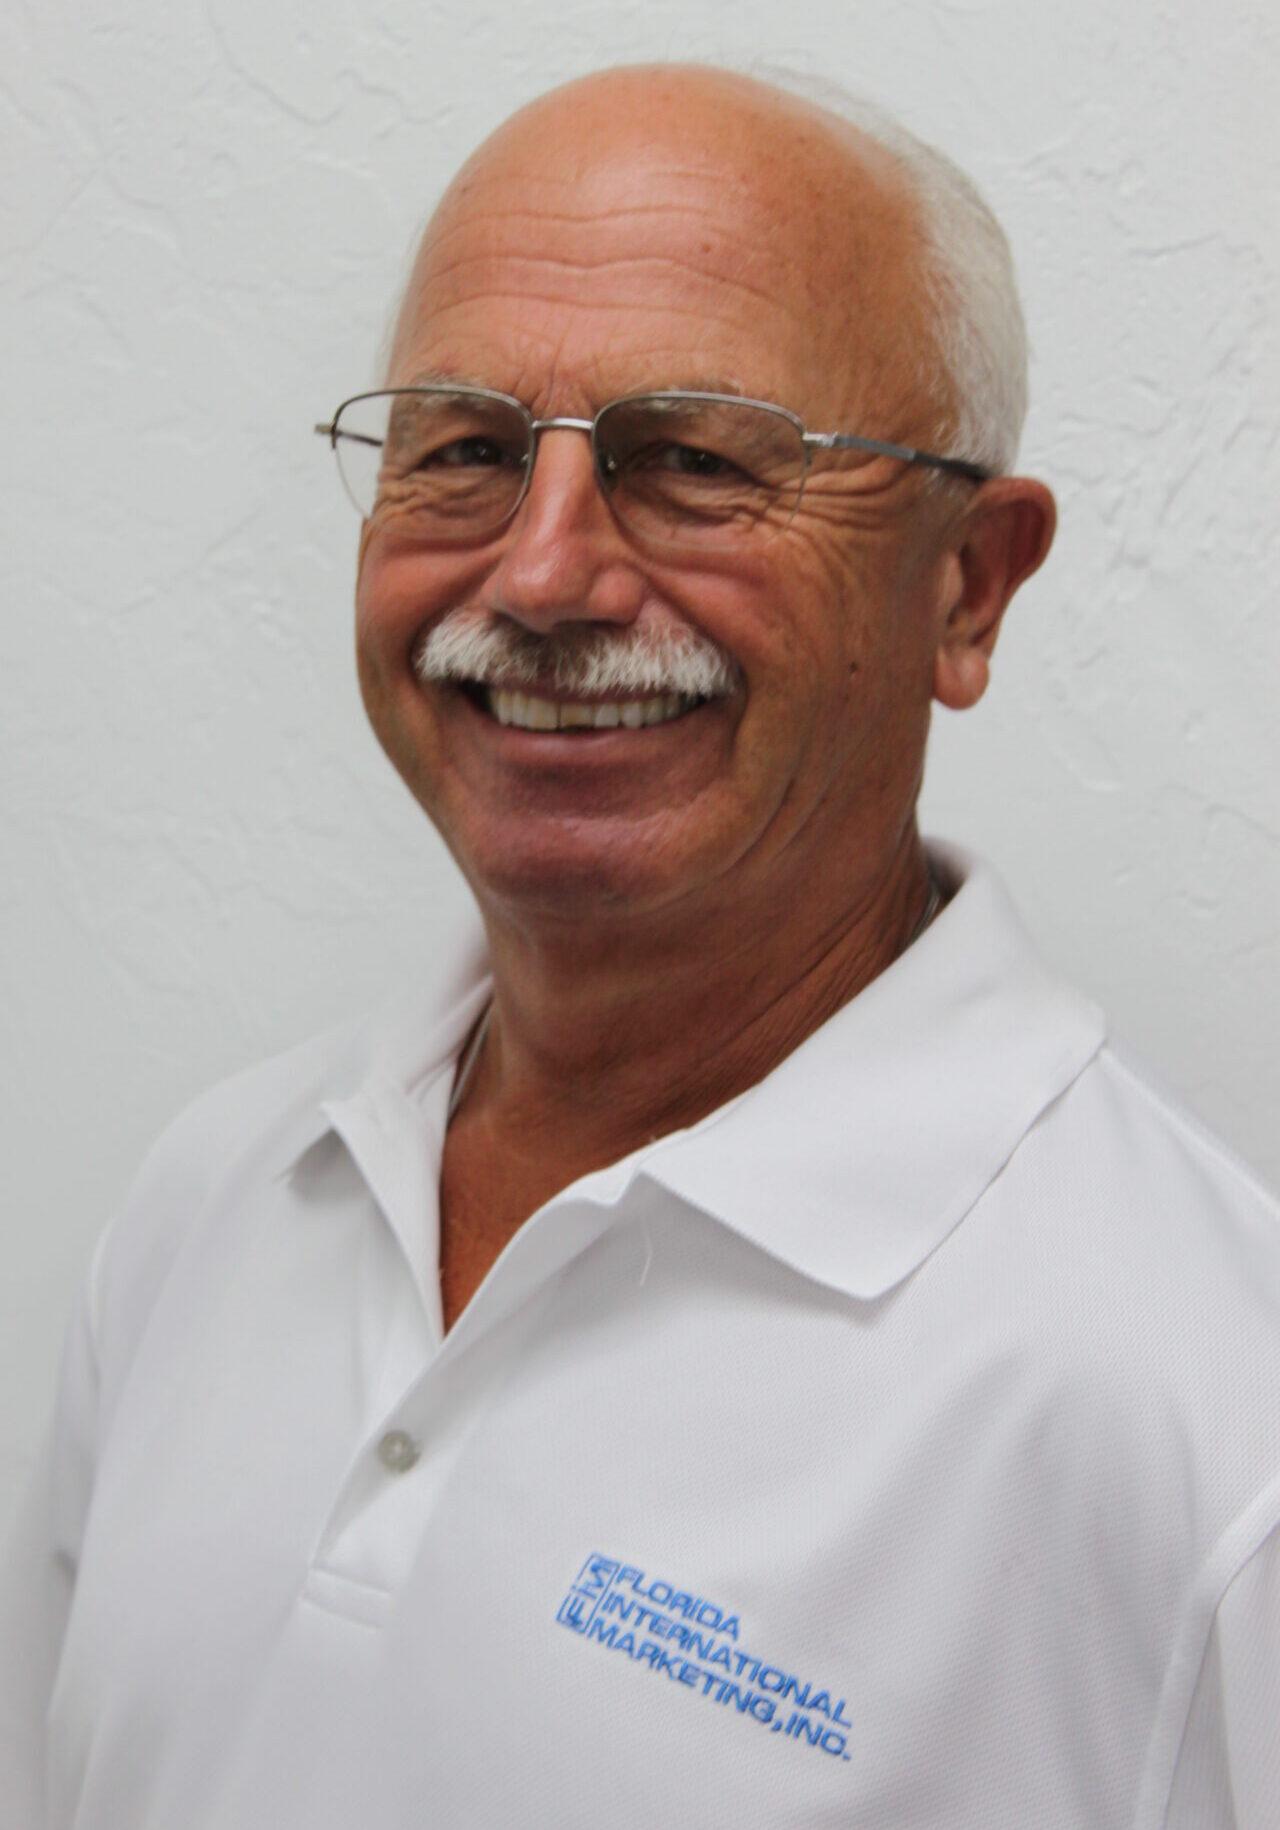 Ray-Mayernik